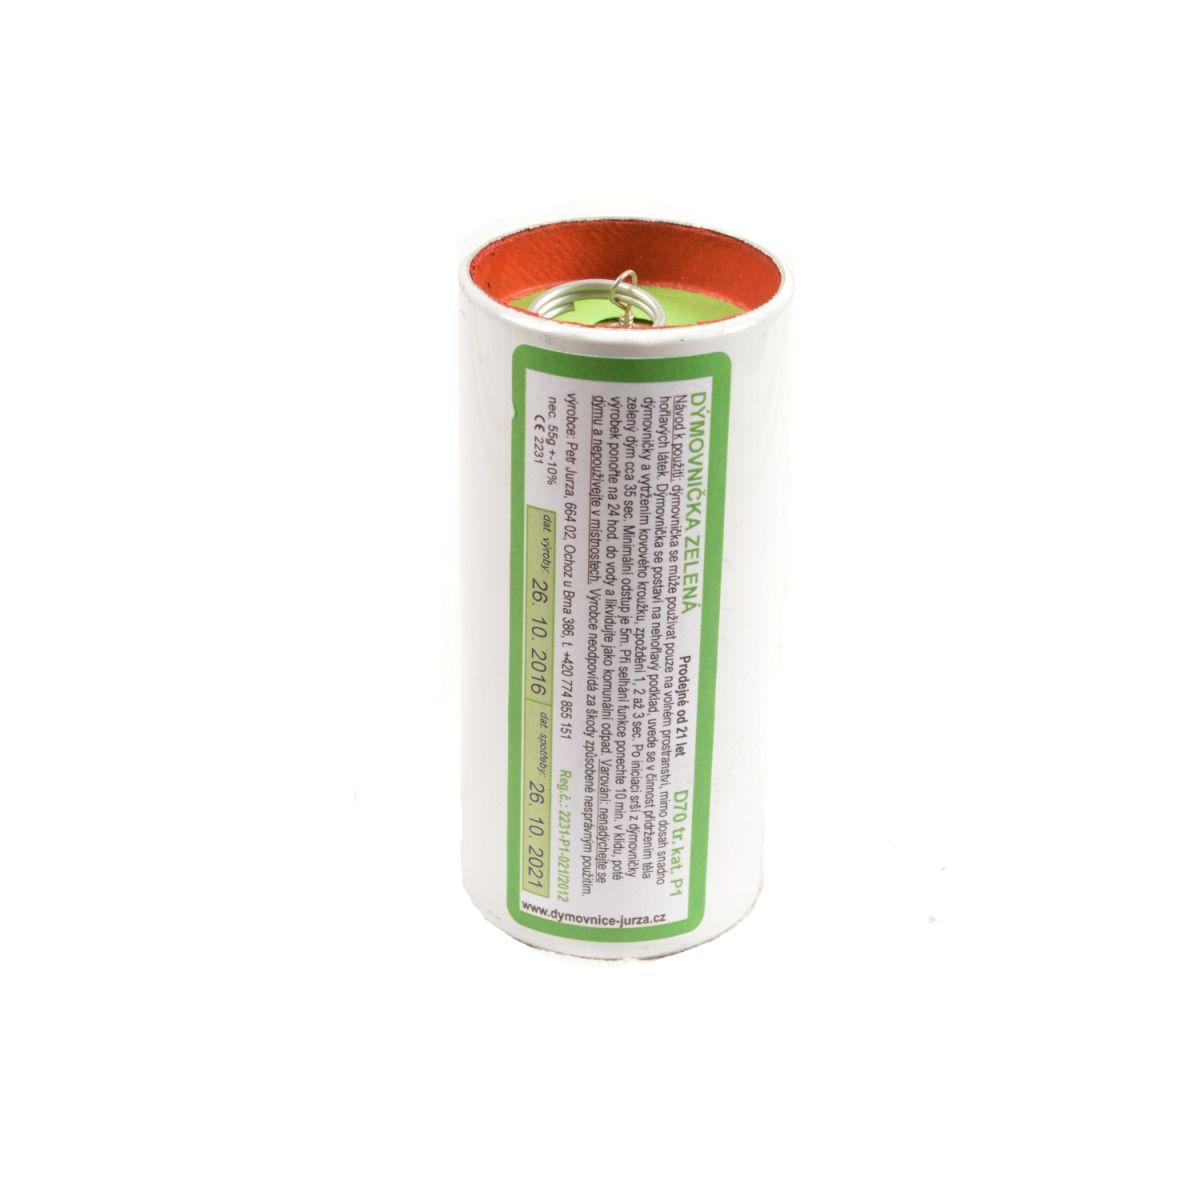 Dýmovnièka D130 trhací ZELENÝ dým